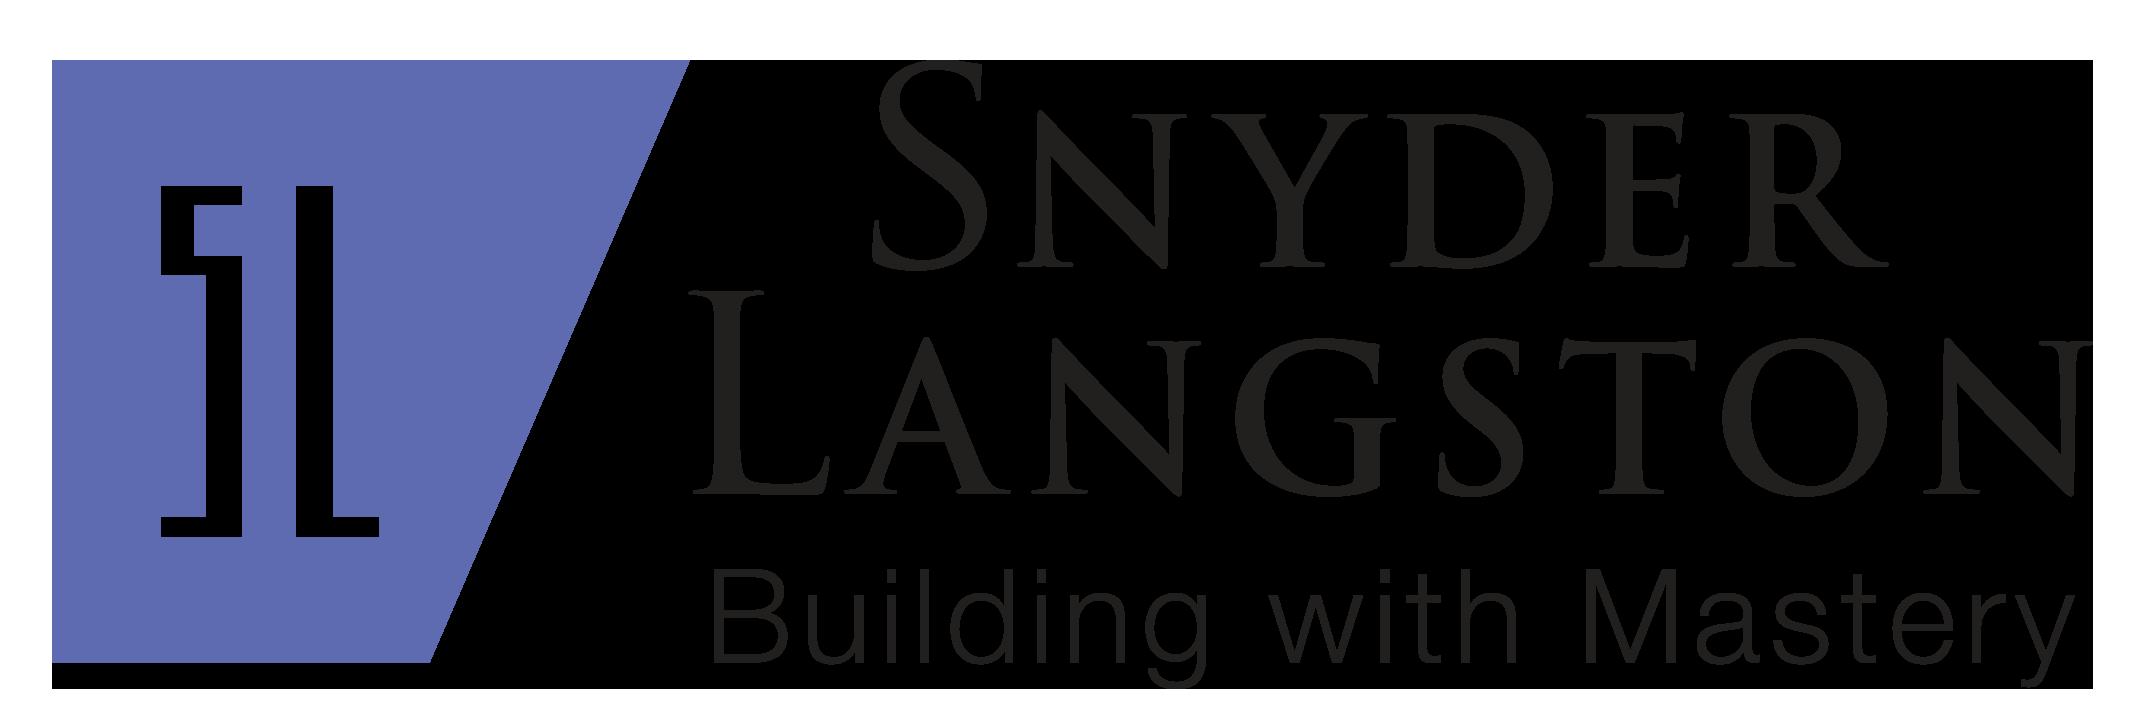 Snyder Langston sponsor